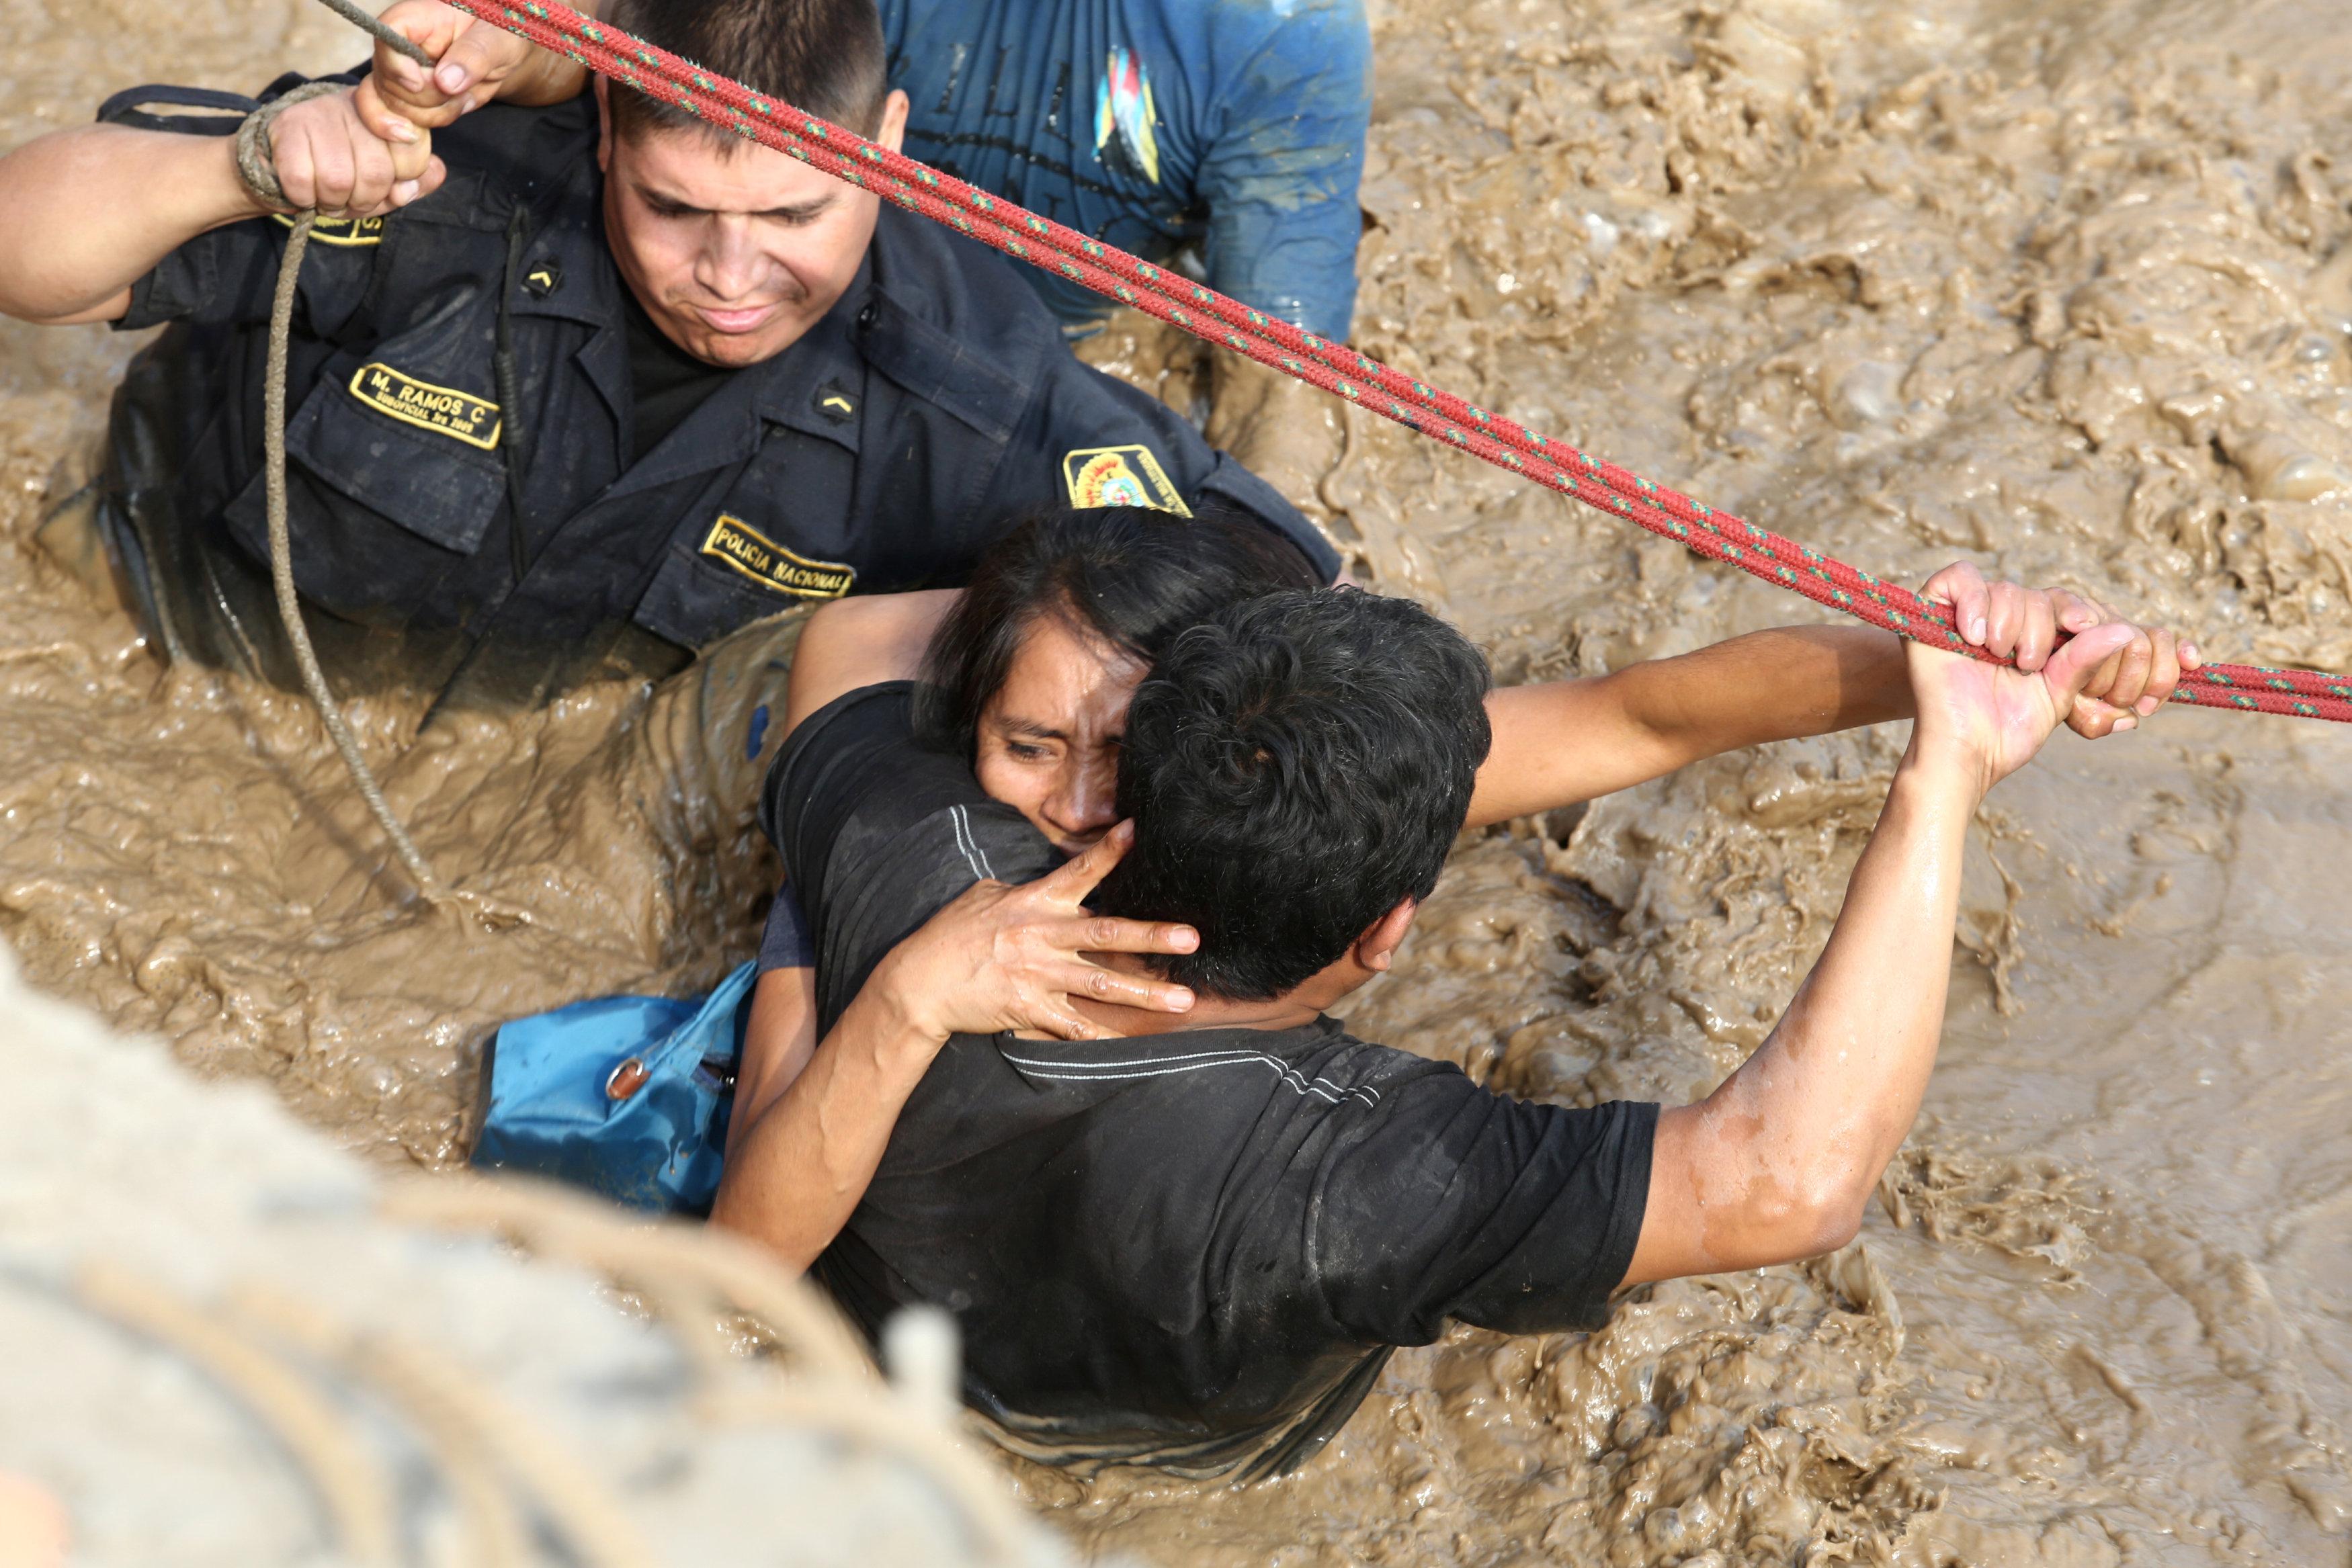 محاولات انقاذ فتاة عالقة وسط مياه الفيضان